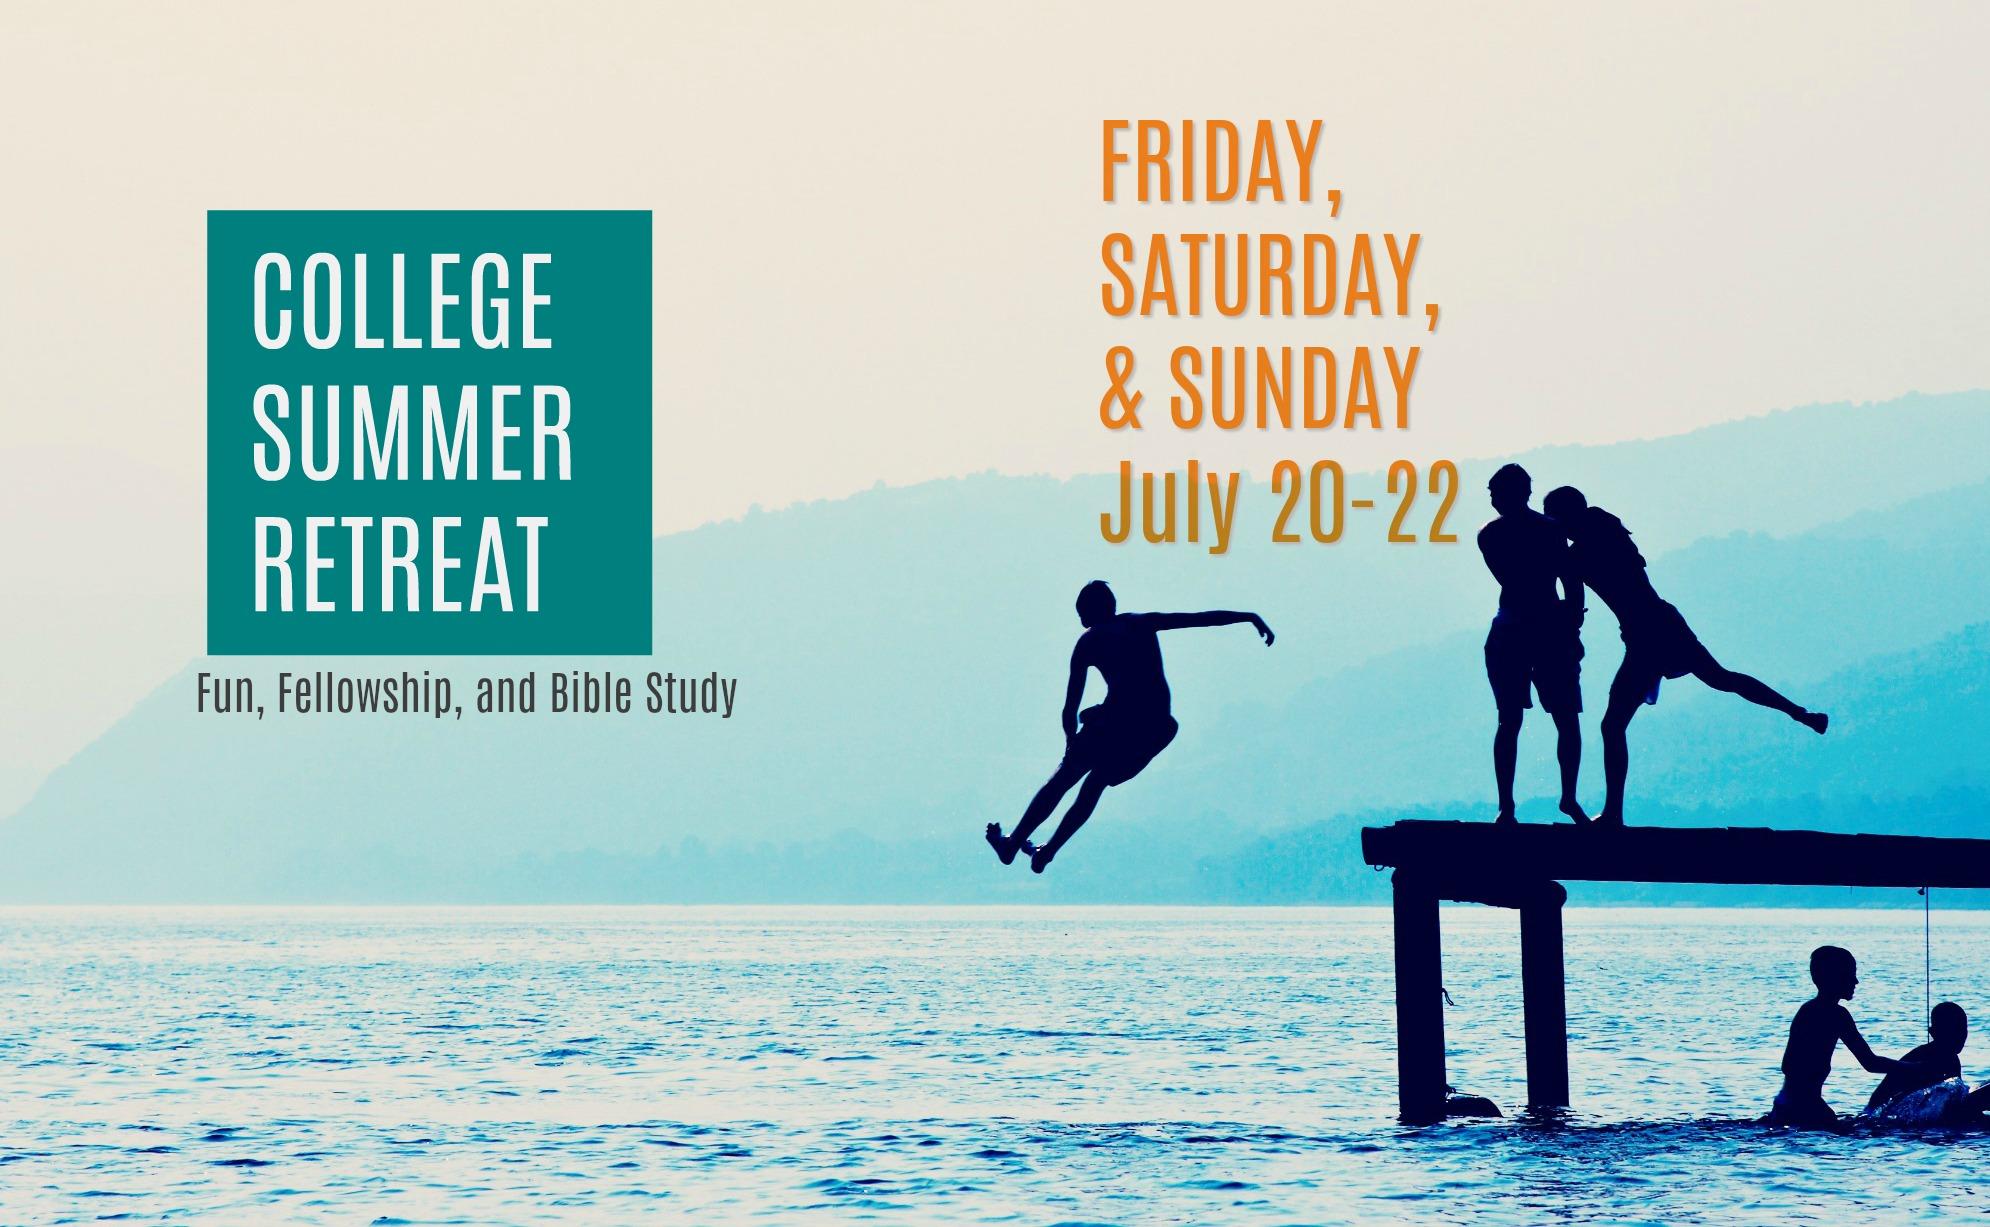 Summer retreatbg2018